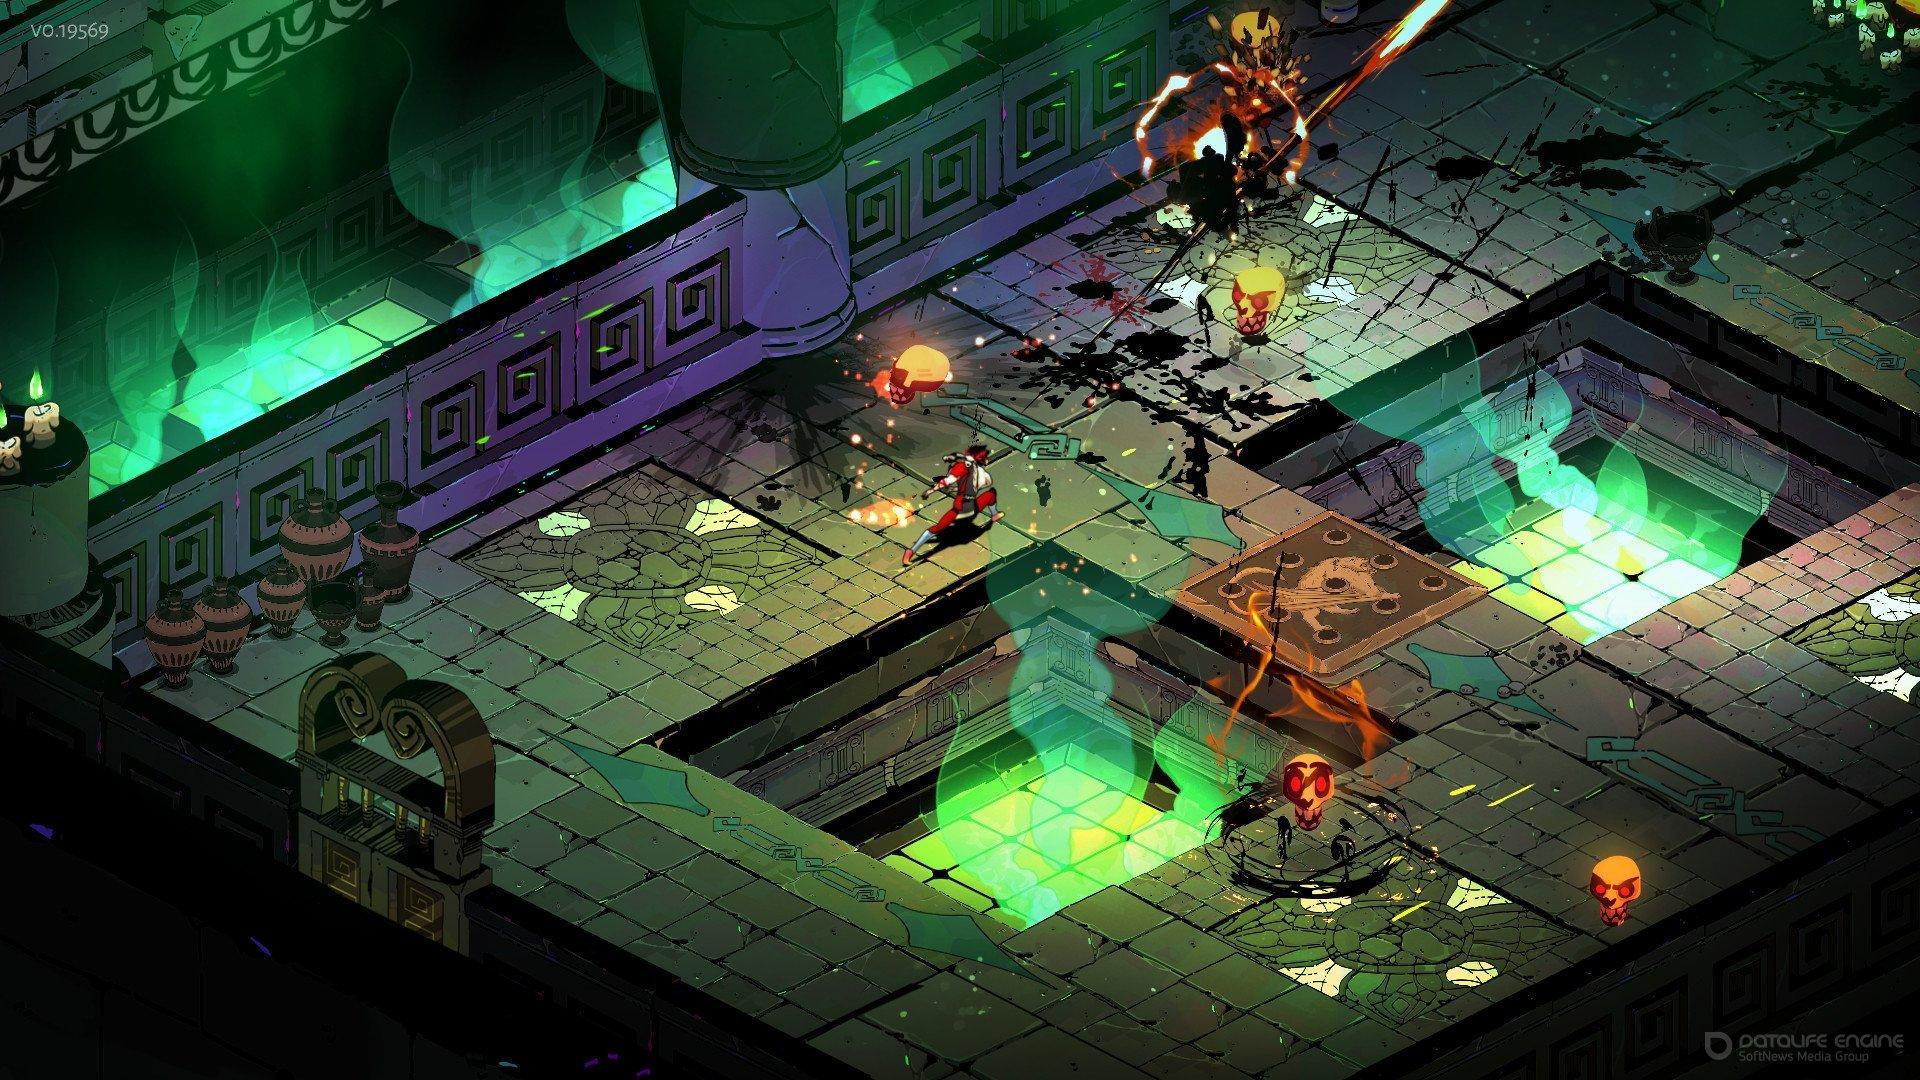 Скриншот к игре Hades v.1.37332 [EGS-Rip] (2020) скачать торрент Лицензия